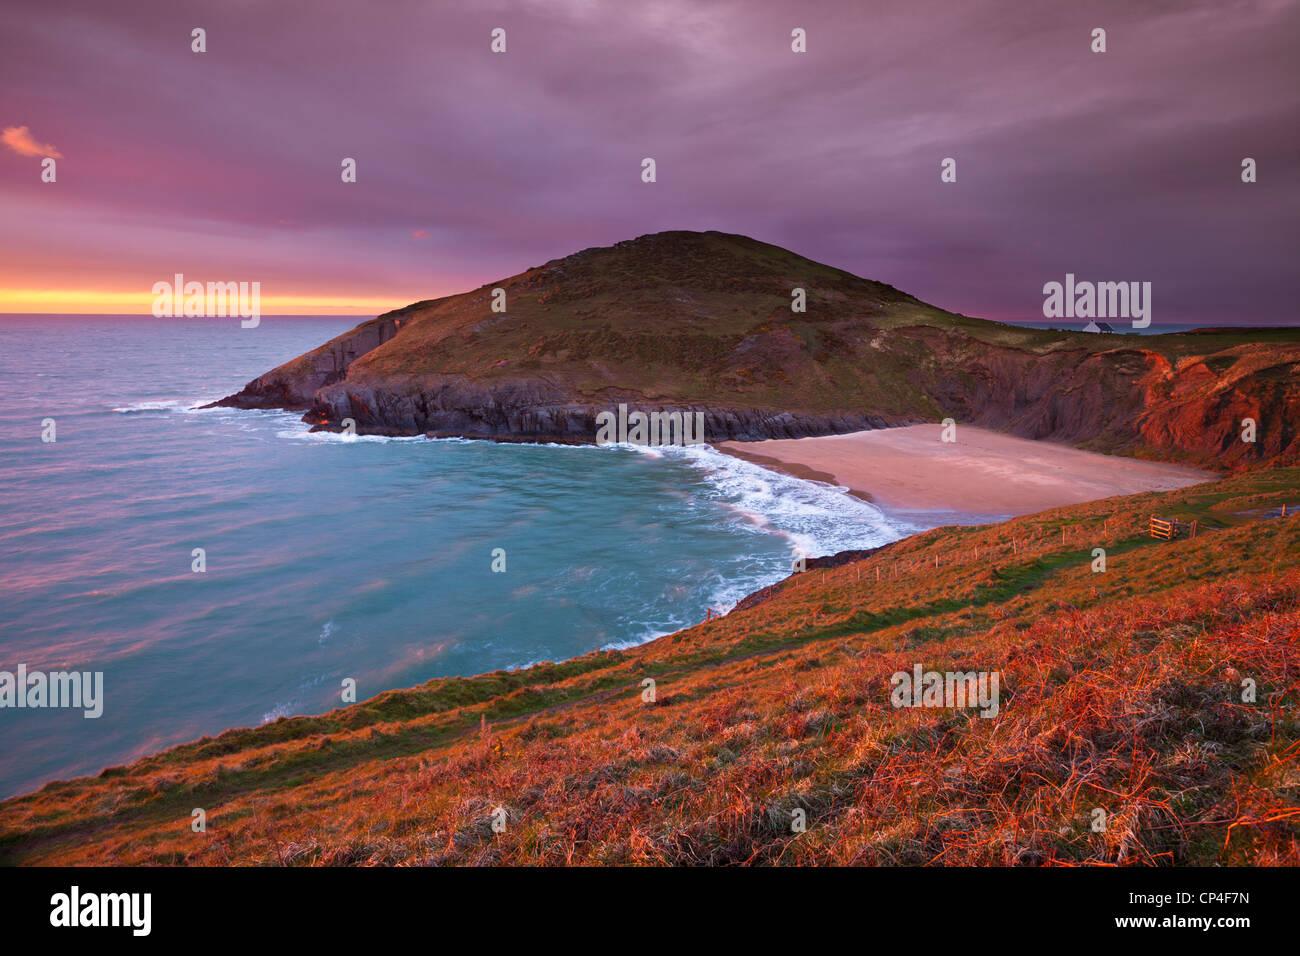 Sunset Mwnt beach and headland Cardigan bay Ceredigion coast Cardiganshire Wales UK GB EU Europe - Stock Image